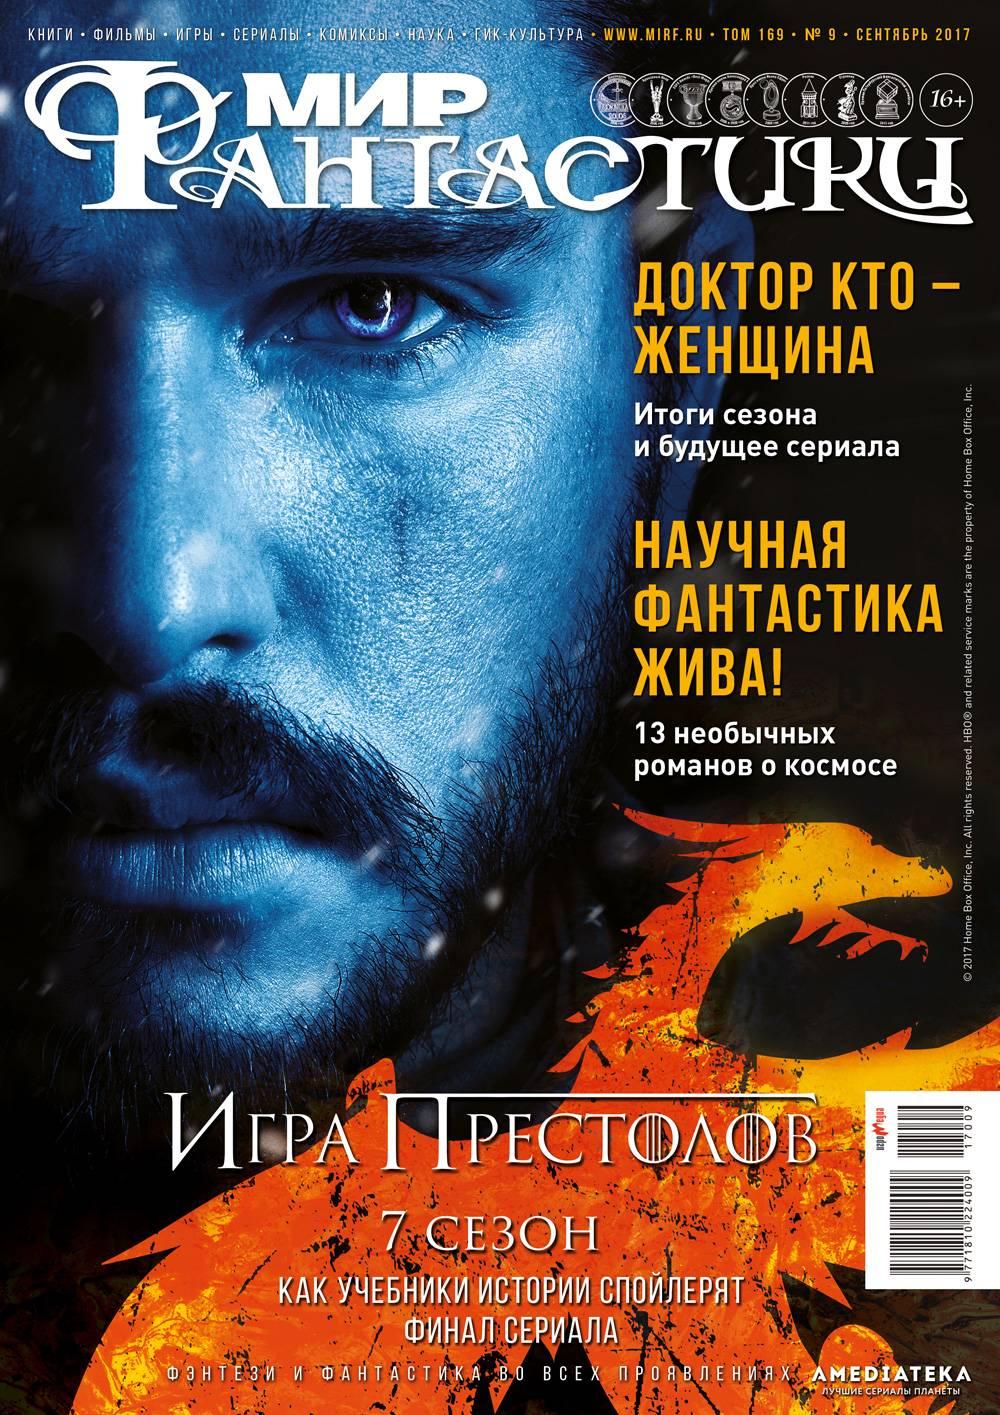 Мир фантастики №169 (сентябрь 2017)